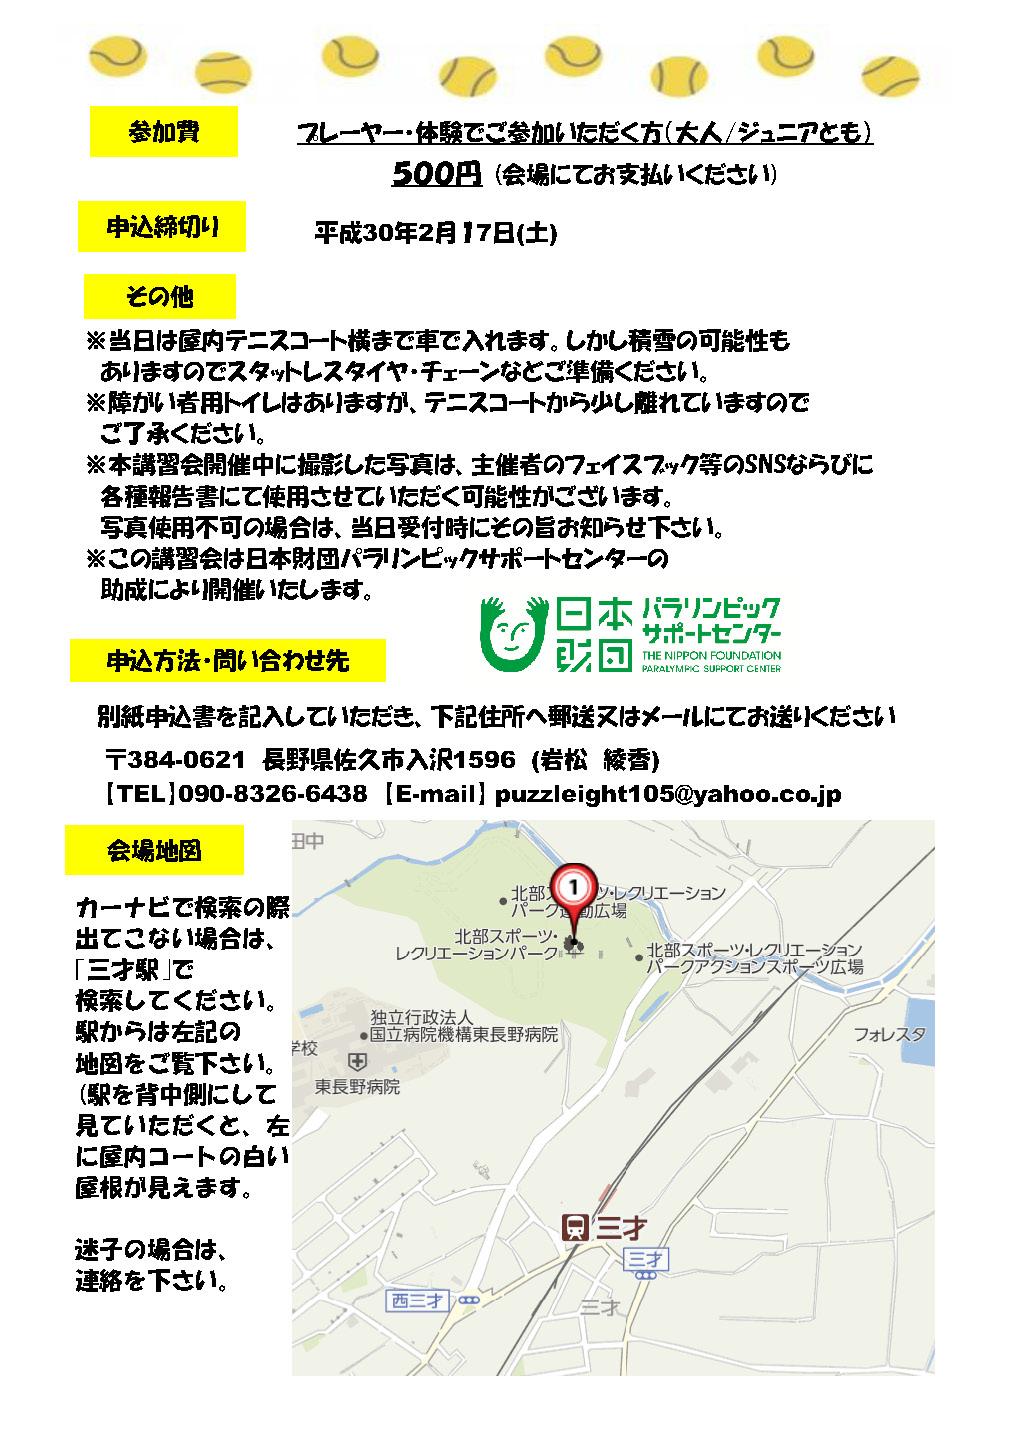 nagano_info2